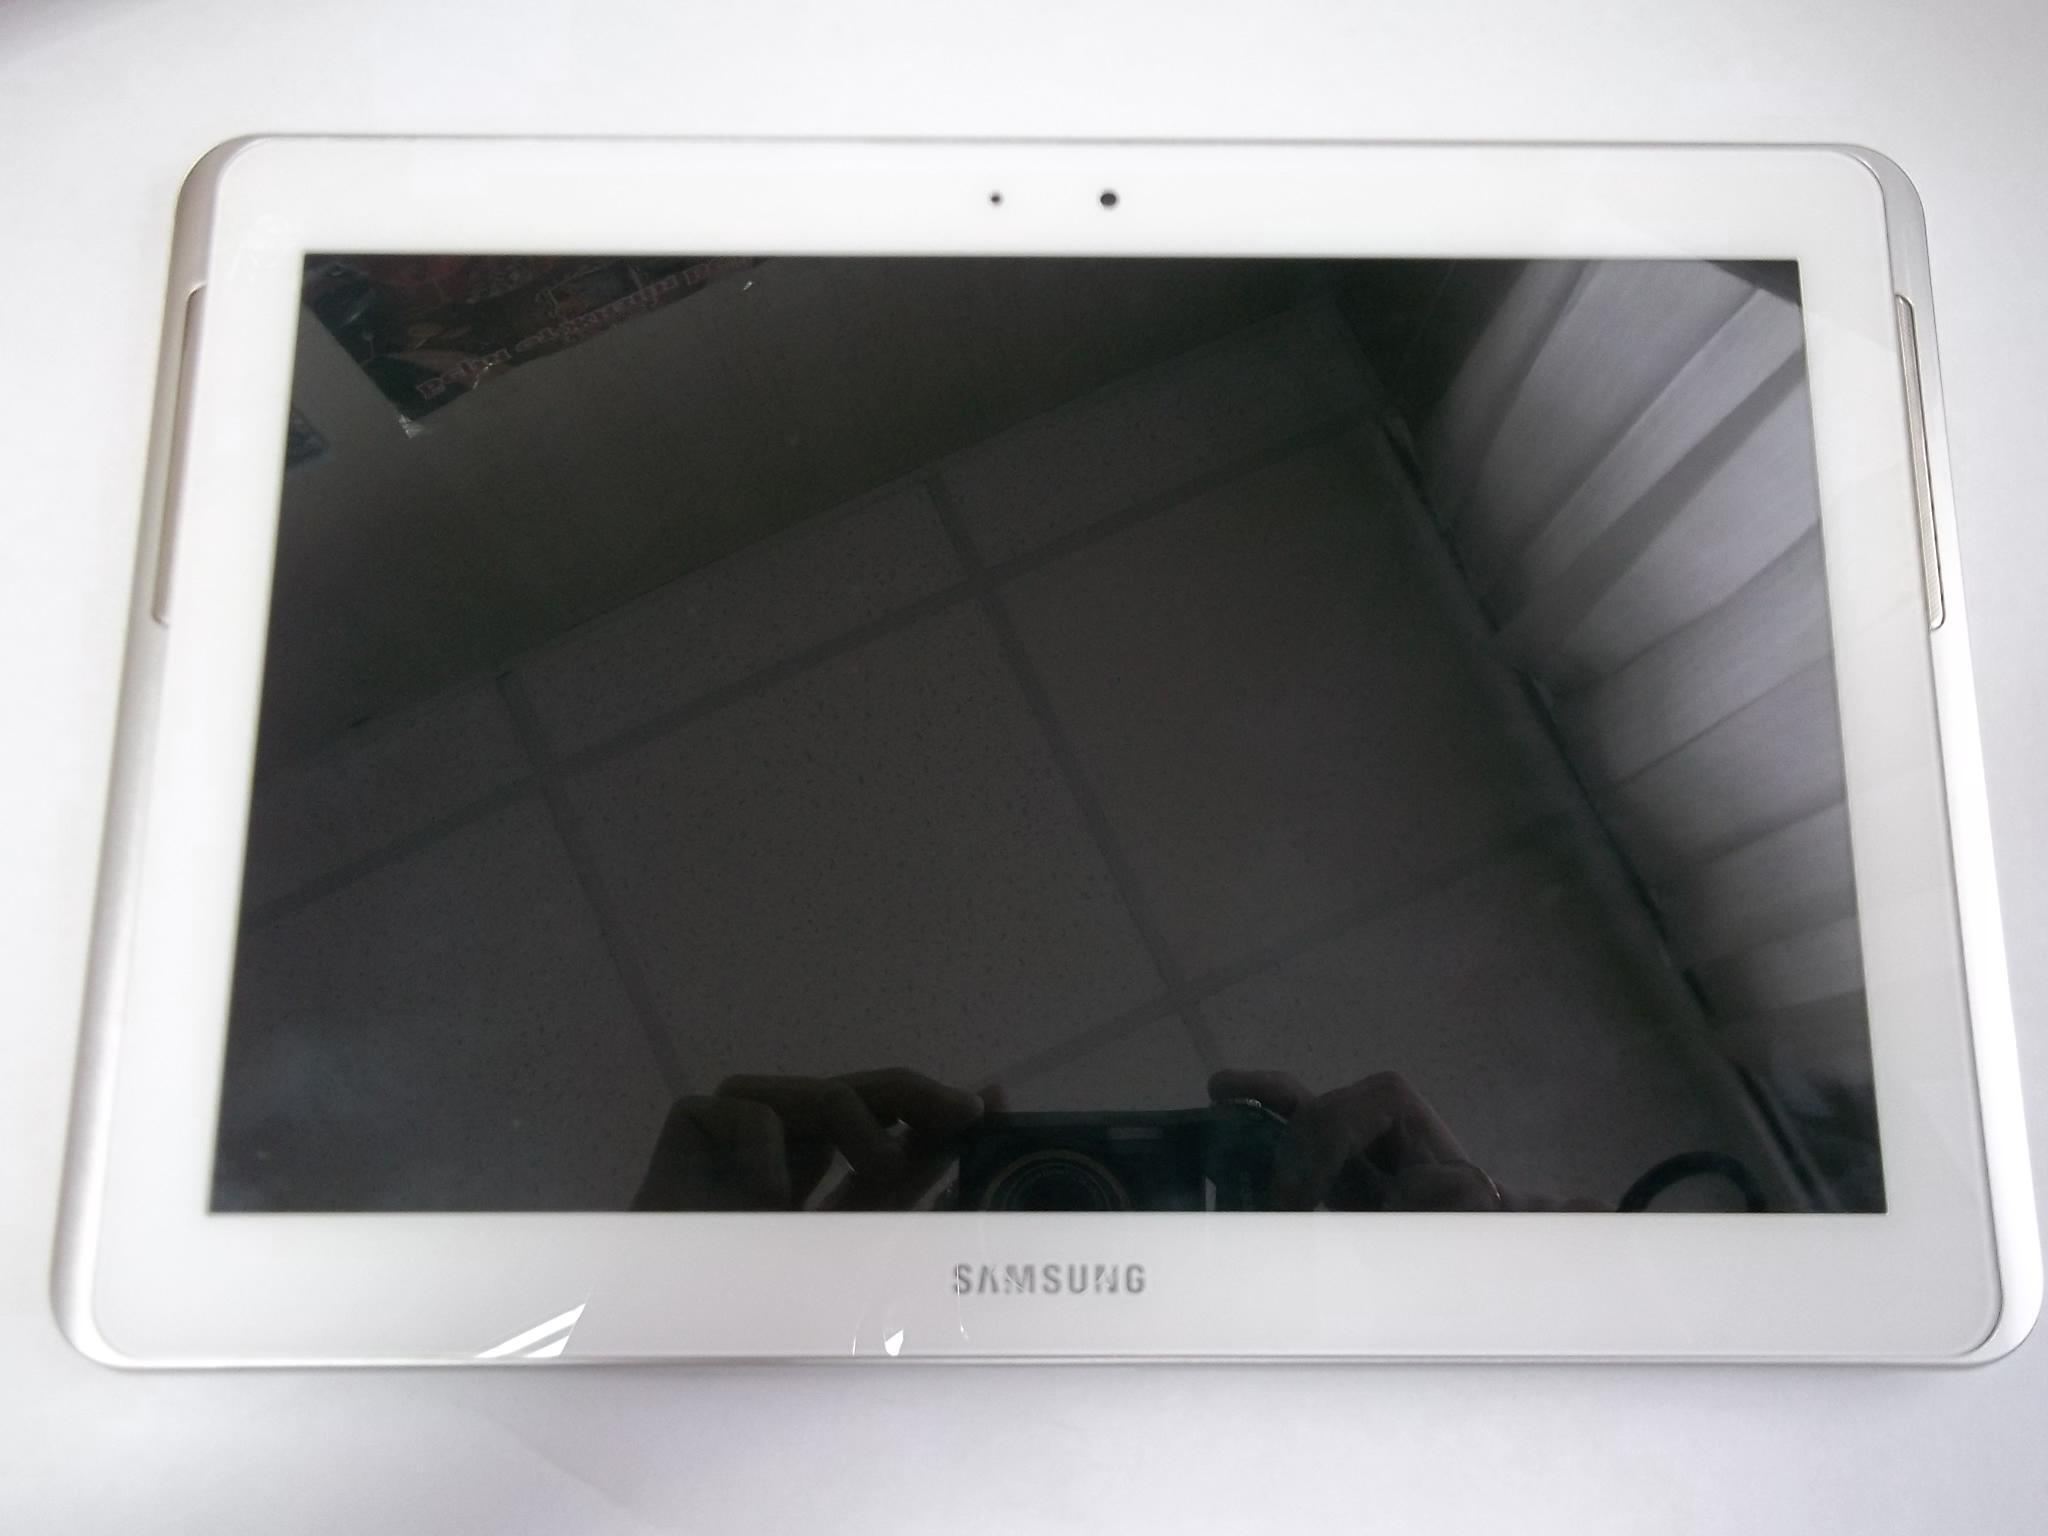 Инструкция к планшету самсунг 5100